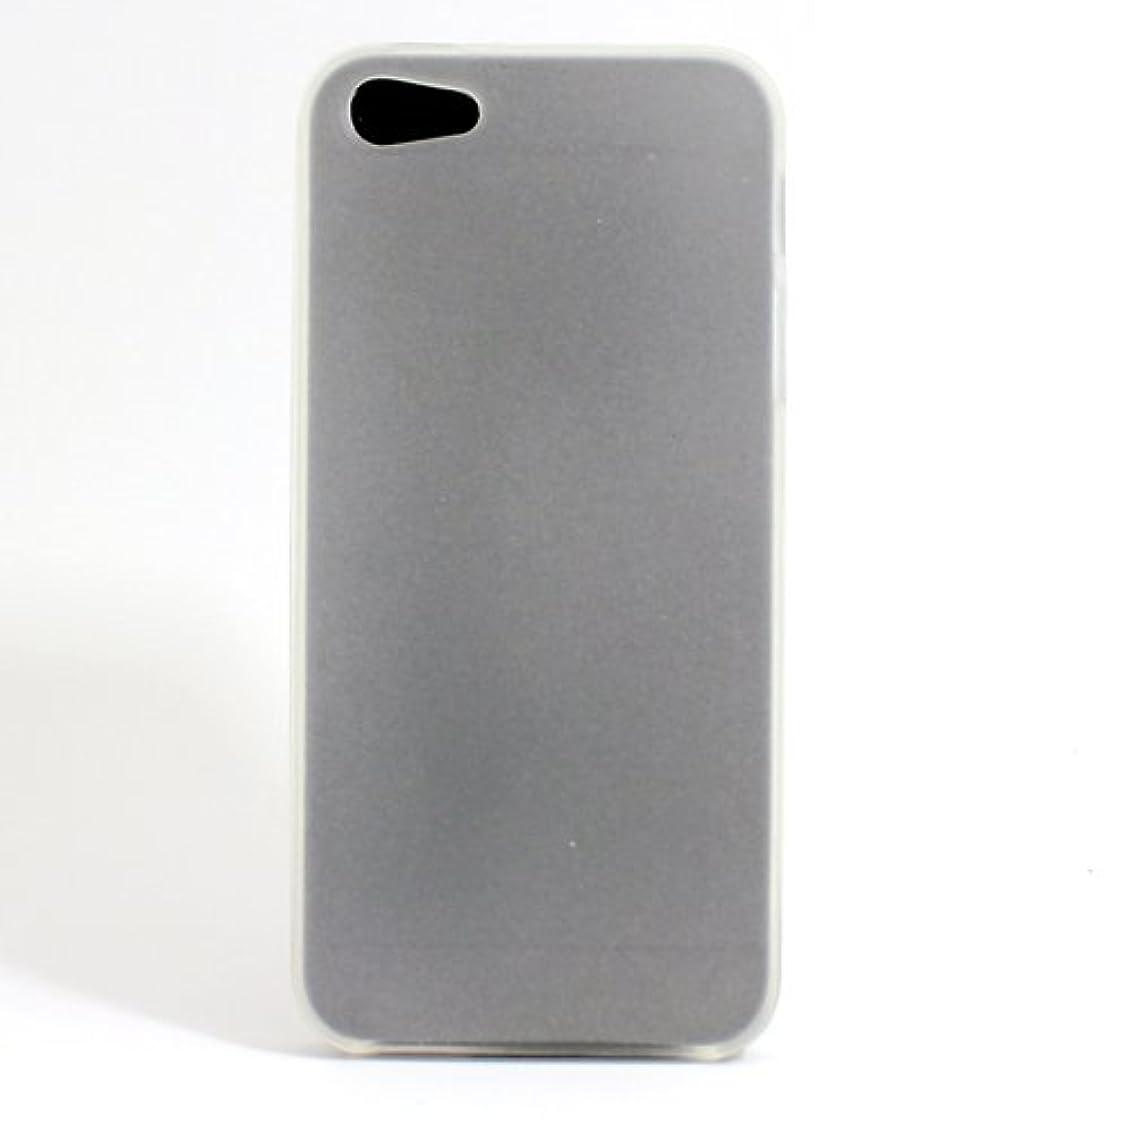 選択するクレジット発表mobee iPhone 5 スタンダード TPU ケース (1) クリア tpu case for iPhone5